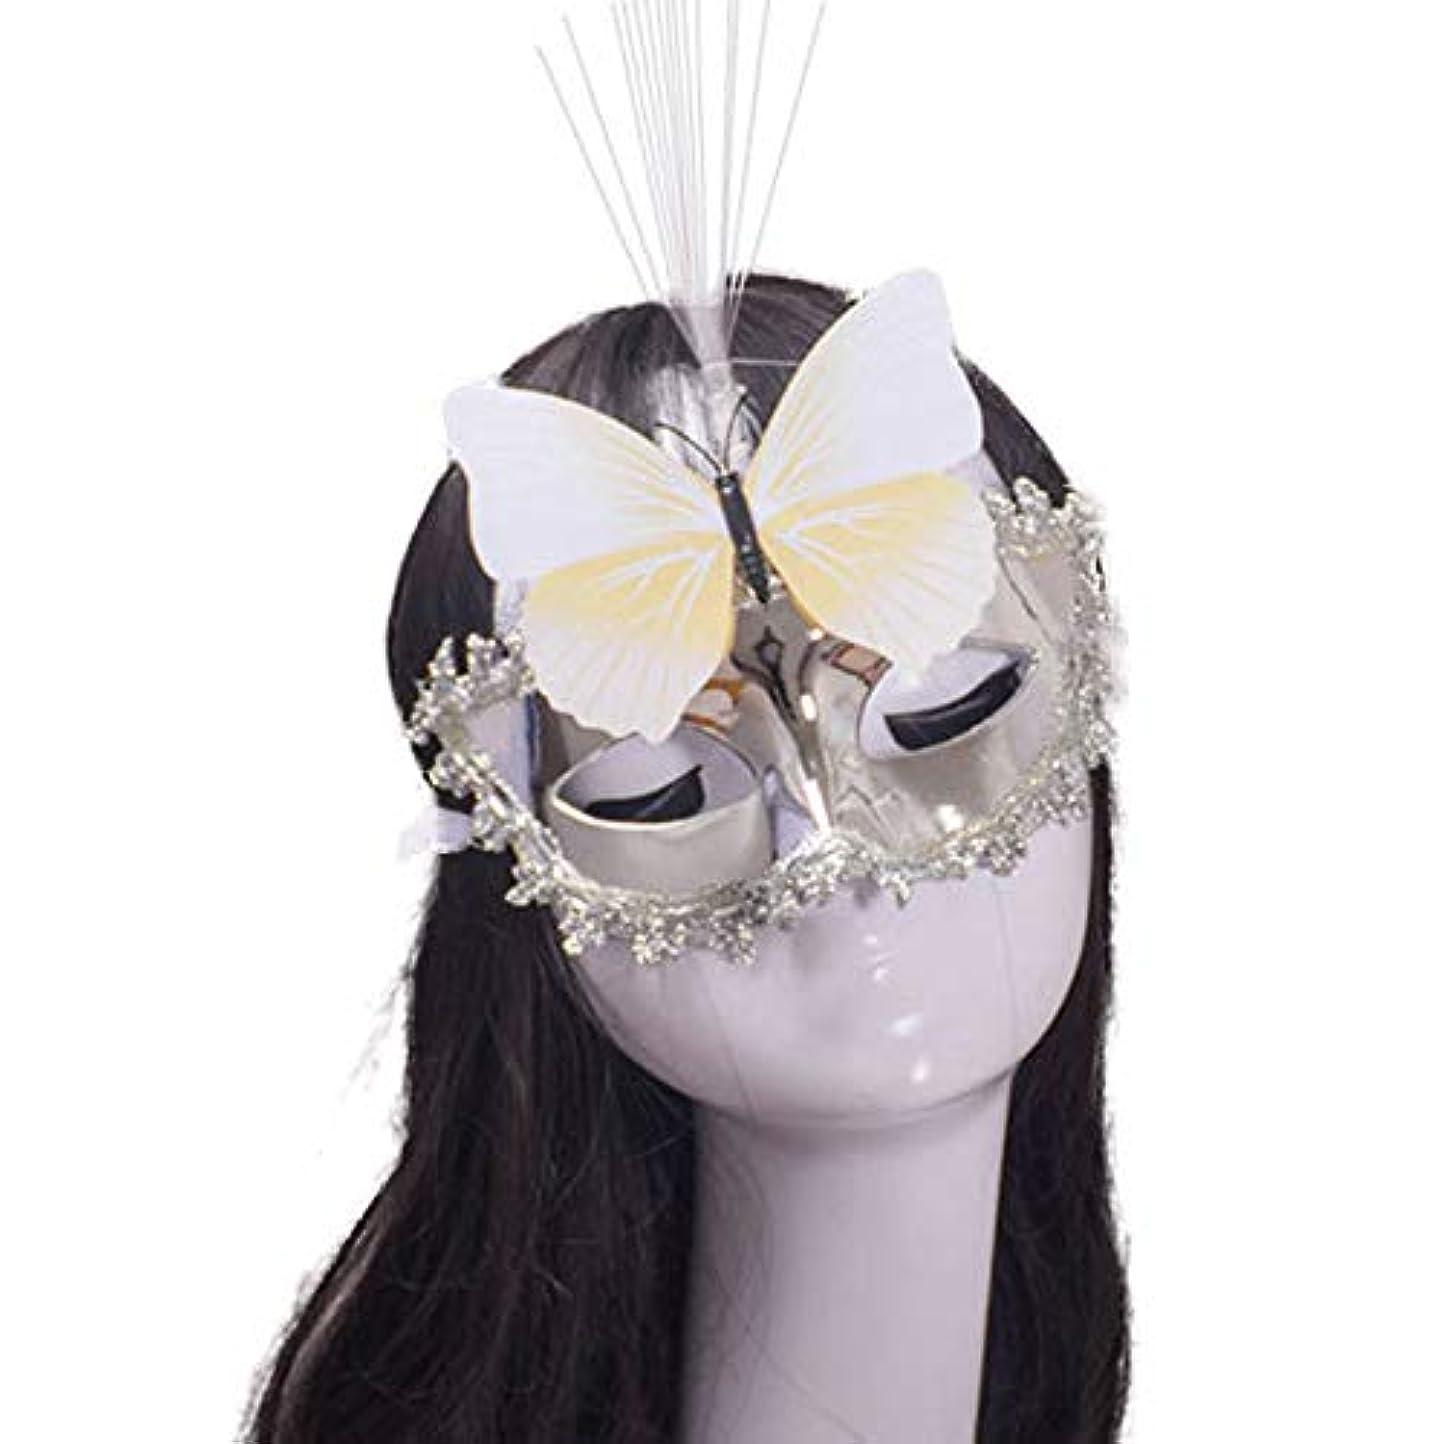 大混乱世代無限Auntwhale ハロウィーンマスク大人恐怖コスチューム、蝶ファンシー仮装パーティーハロウィンマスク、フェスティバル通気性ギフトヘッドマスク - ホワイト